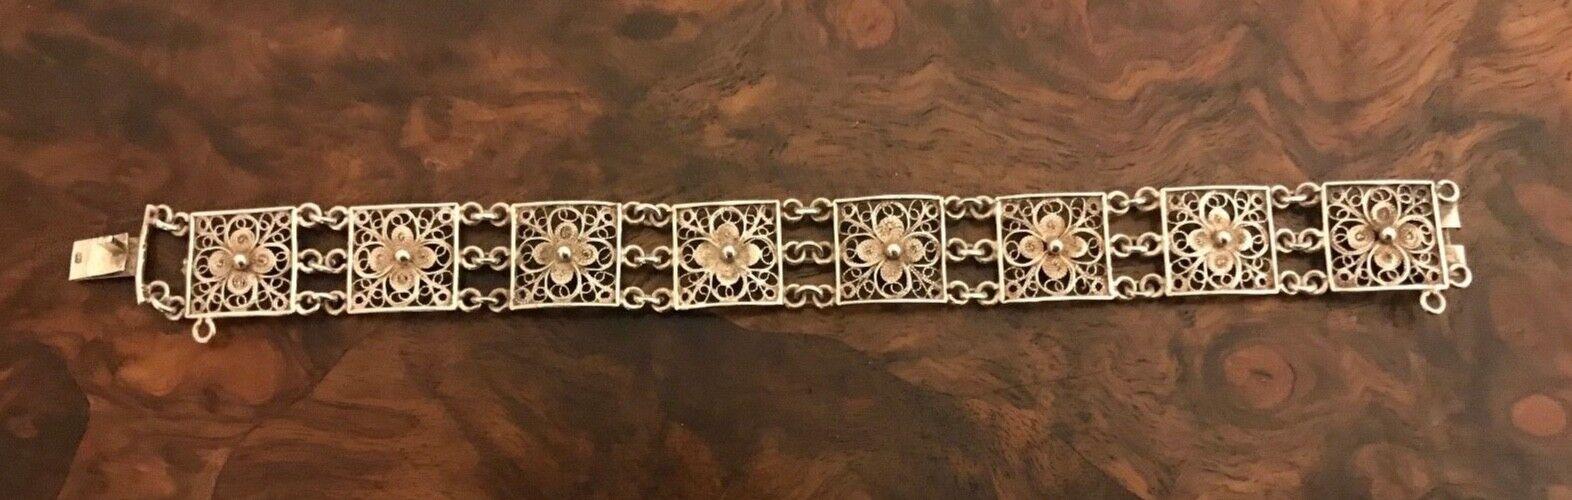 Antikes 800 Silber Armband Jugendstil Art Deco Filigran Alt Fein kein 835 925